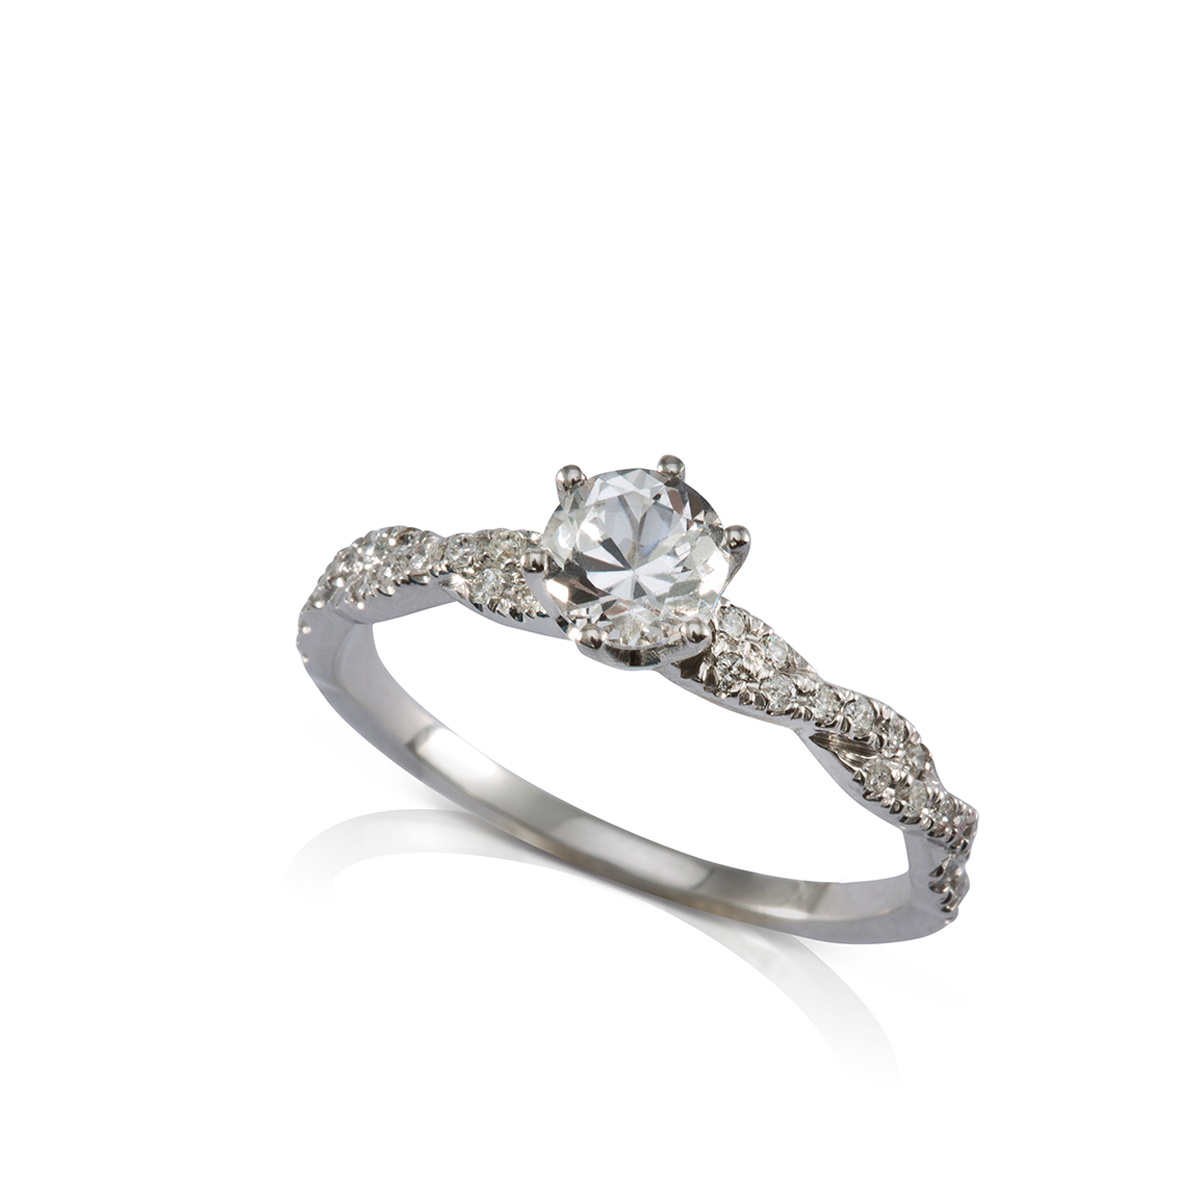 טבעת סוליטר צמה משובצת יהלומים